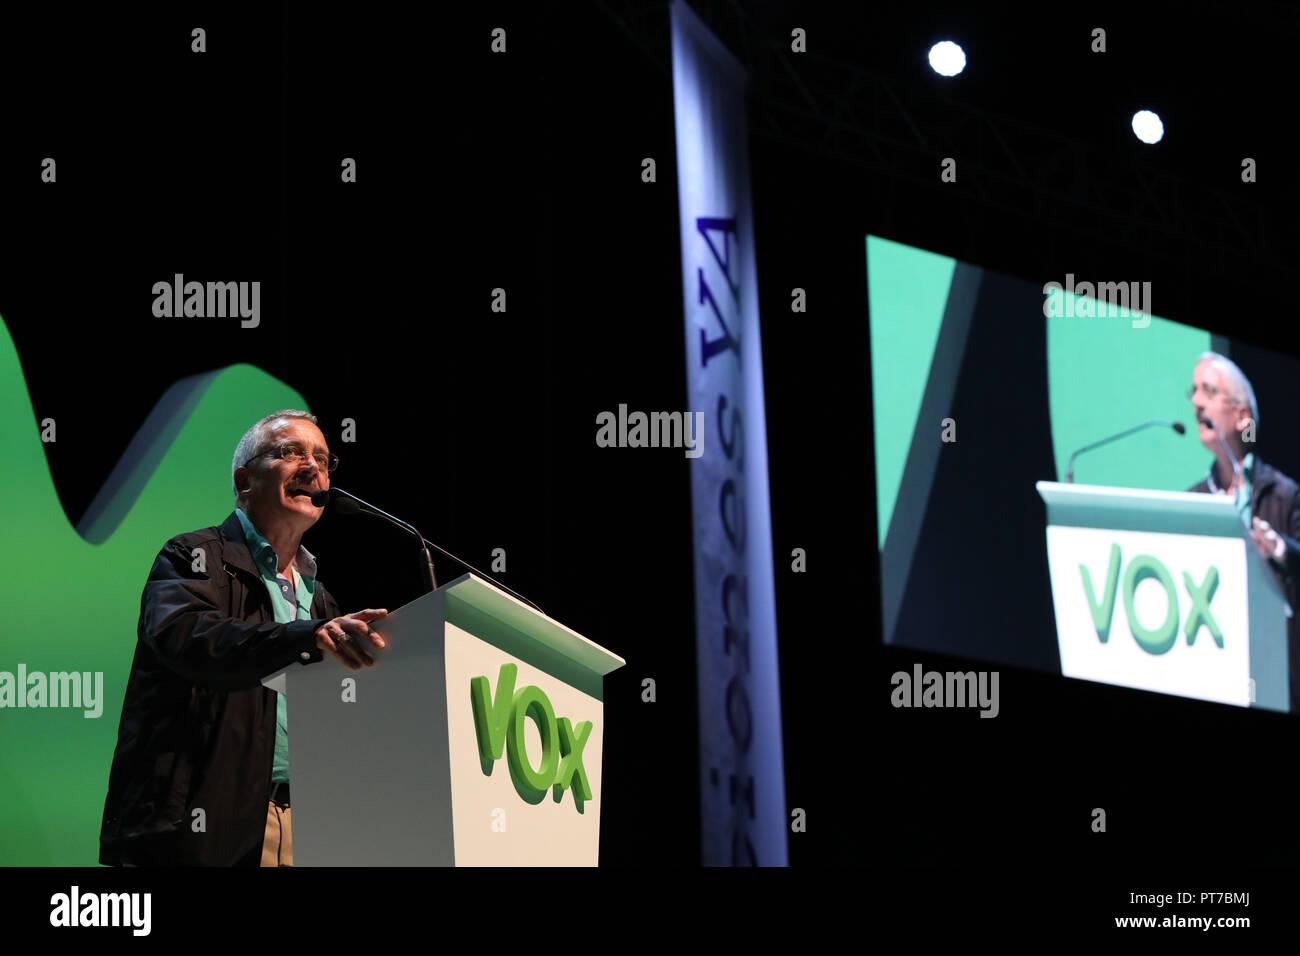 Madrid, España. 7 Oct 2018. José Antonio Ortega Lara, fundador del partido VOX, participando en el evento. El partido político de extrema derecha Vox ha acaparado este domingo, el 'Palacio de Vistalegre' en un gran acontecimiento que ha atendido, según los organizadores, 10.000 personas, y en la que se han presentado 100 medidas urgentes para España el Oct 7, 2018 en Madrid, España. Crédito: Jesús Hellin/Alamy Live News Imagen De Stock